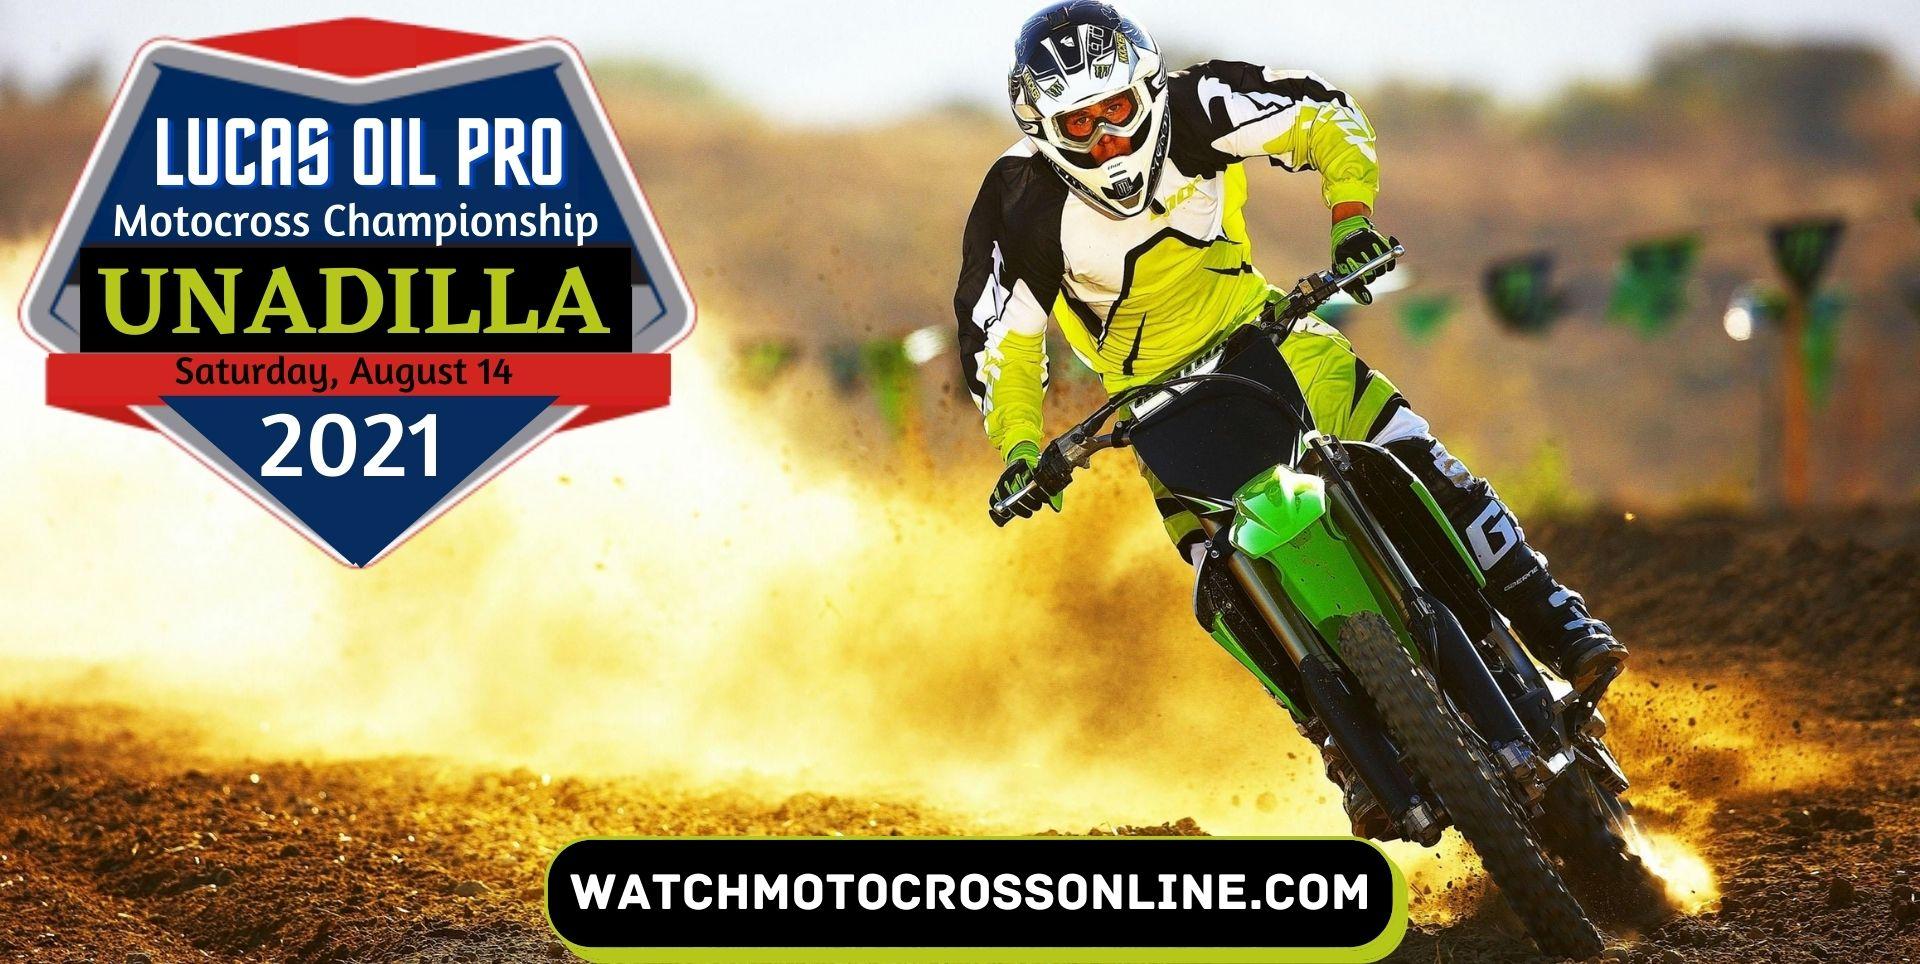 Unadilla Motocross Live Stream 2021